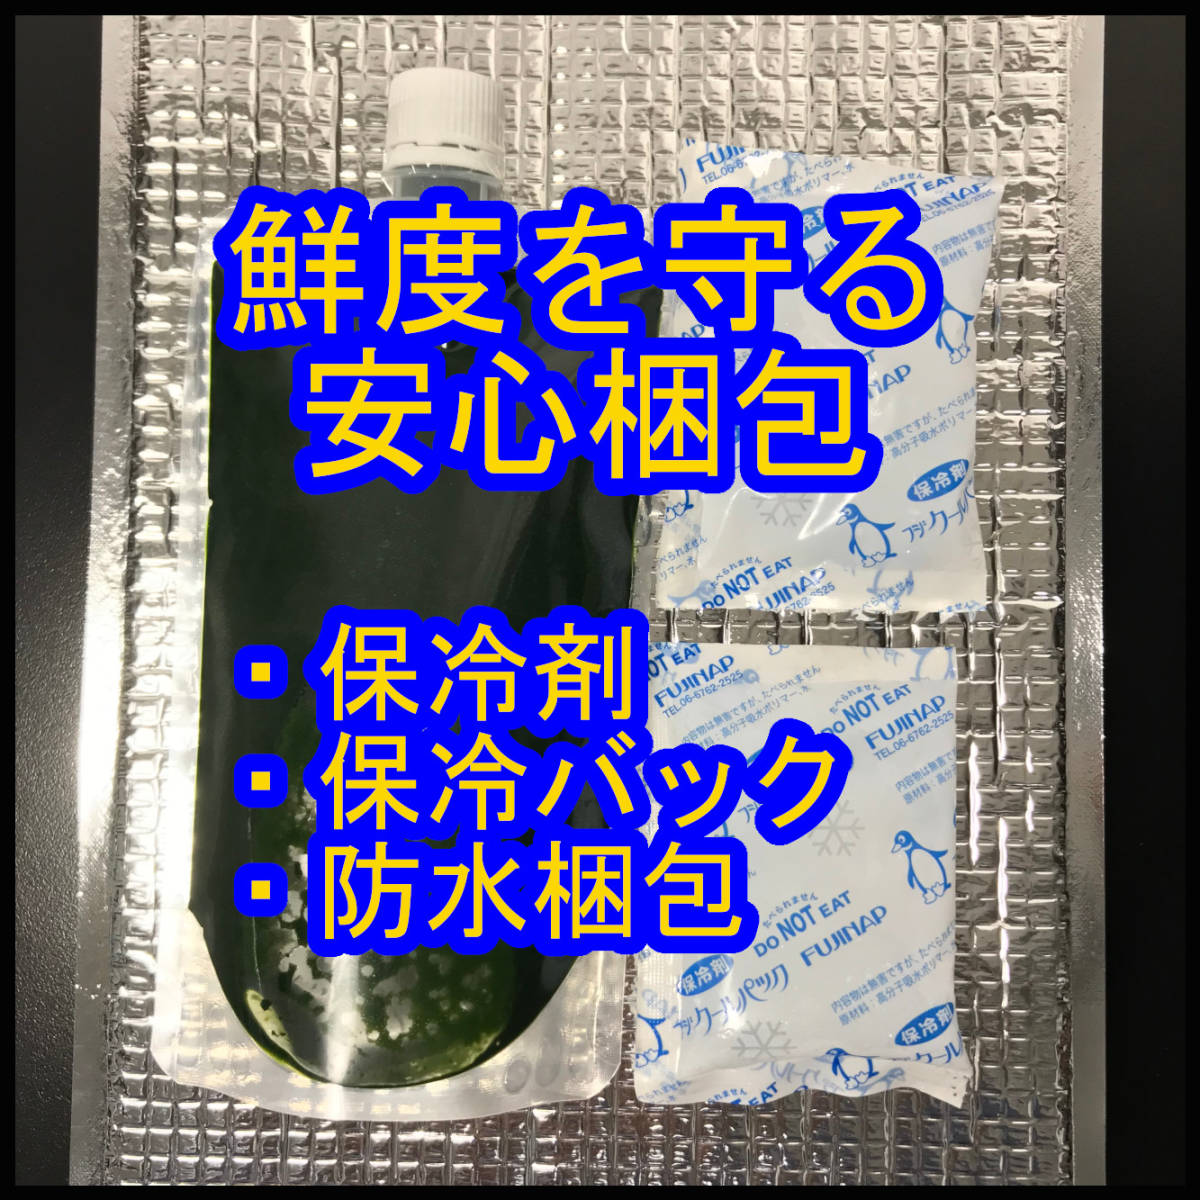 クール便★和香特選生クロレラ500ml★即日発送★ミジンコめだか金魚らんちゅうの餌 針子稚魚の青水作 ワムシゾウリムシ生餌ミドリムシ_新鮮な状態で保冷発送します